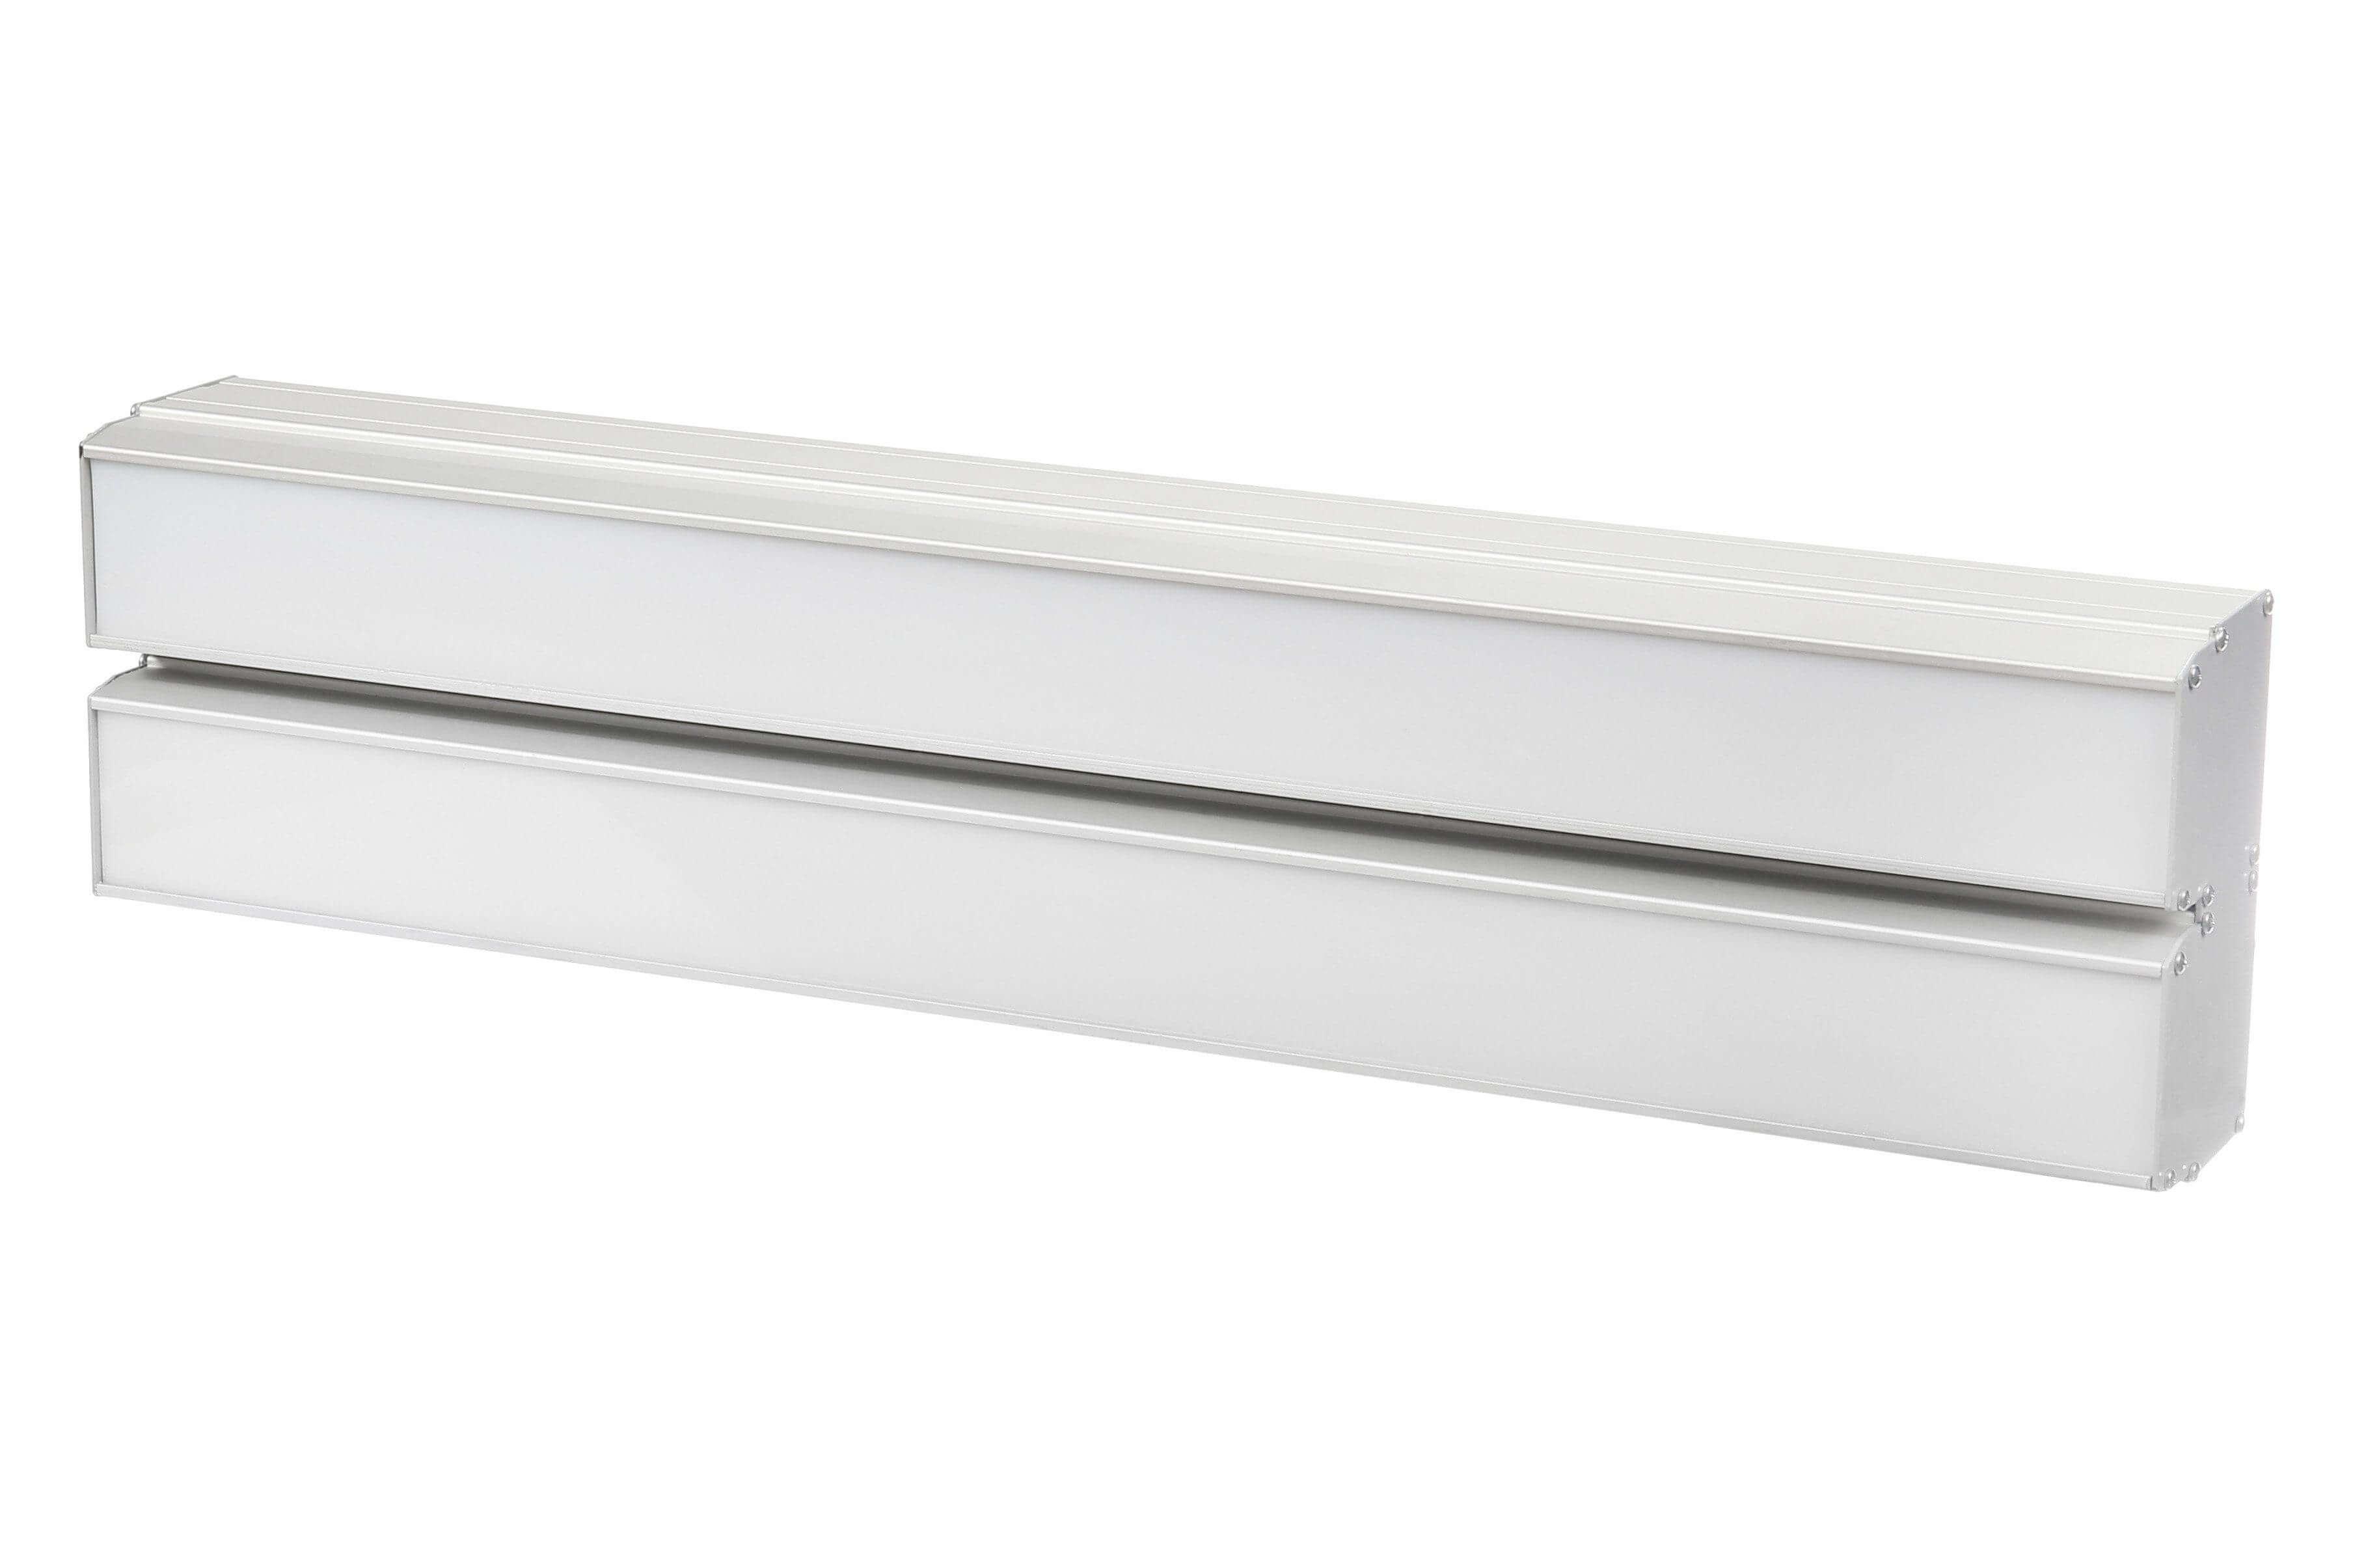 Светодиодный светильник LEDcraft LC-80-2PR2-OP-DW 80 Ватт IP20 (595 мм) Нейтральный Опал